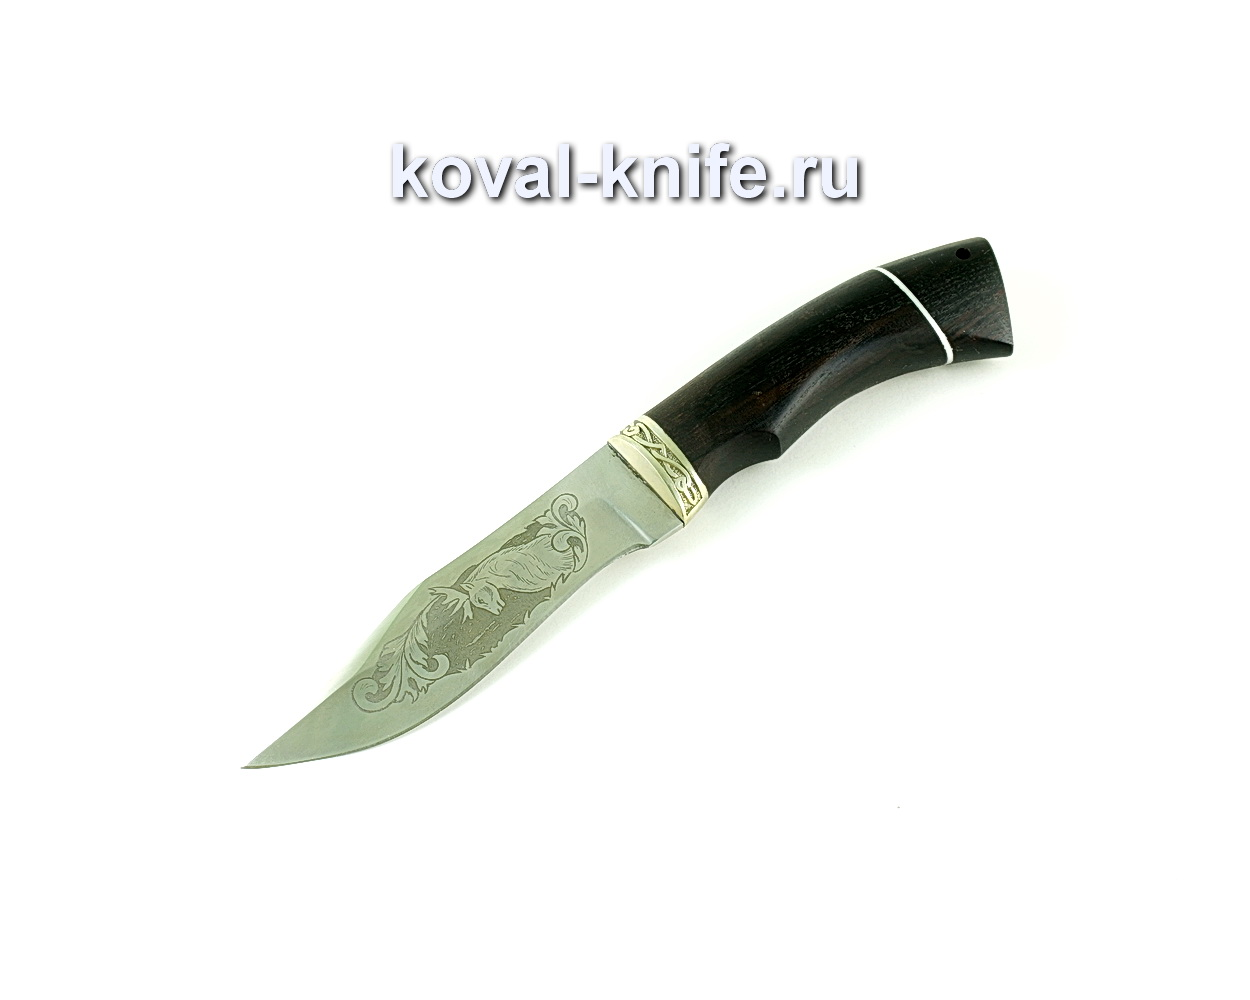 Нож Охотничий (сталь 65х13), рукоять граб, литье A169